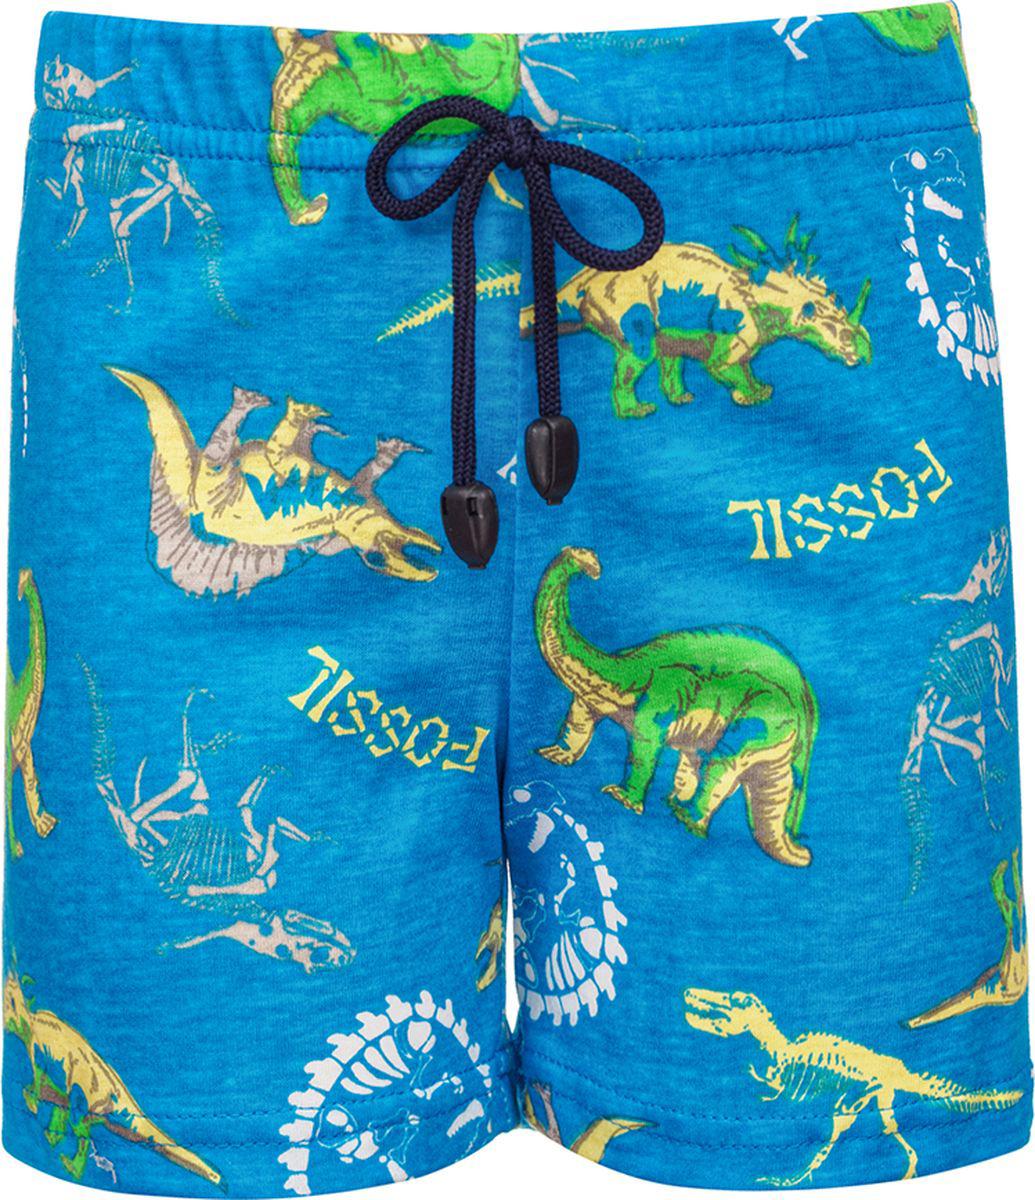 Шорты для мальчика M&D, цвет: голубой. 182170401_10. Размер 98 пояс для собак osso fashion для мальчика многоразовый впитывающий размер m